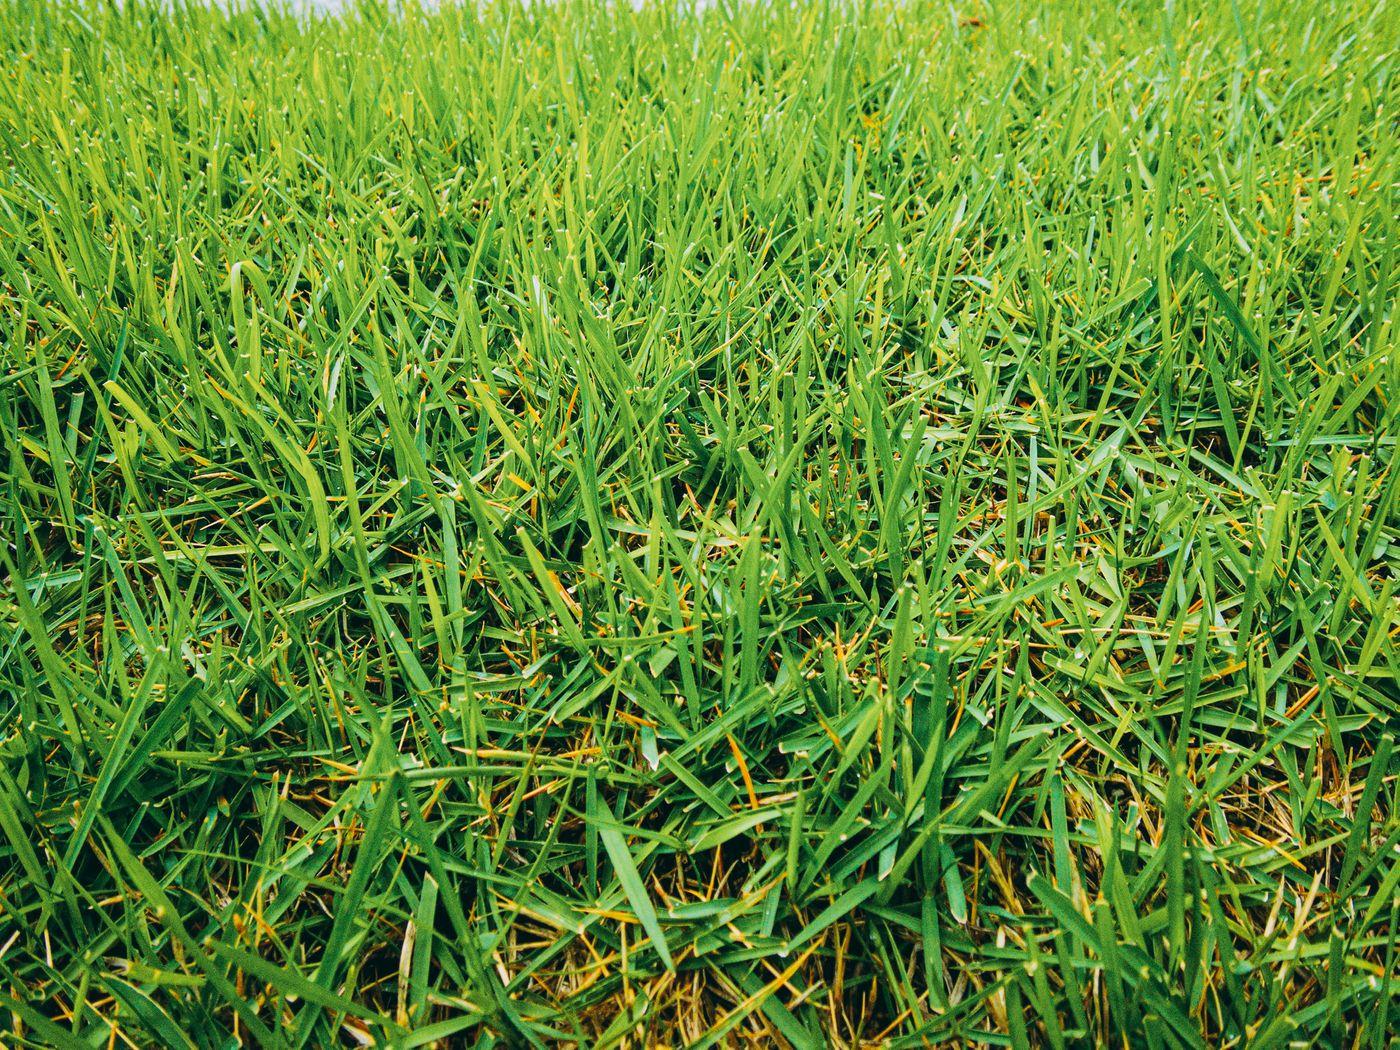 雨が降った後の芝生の写真